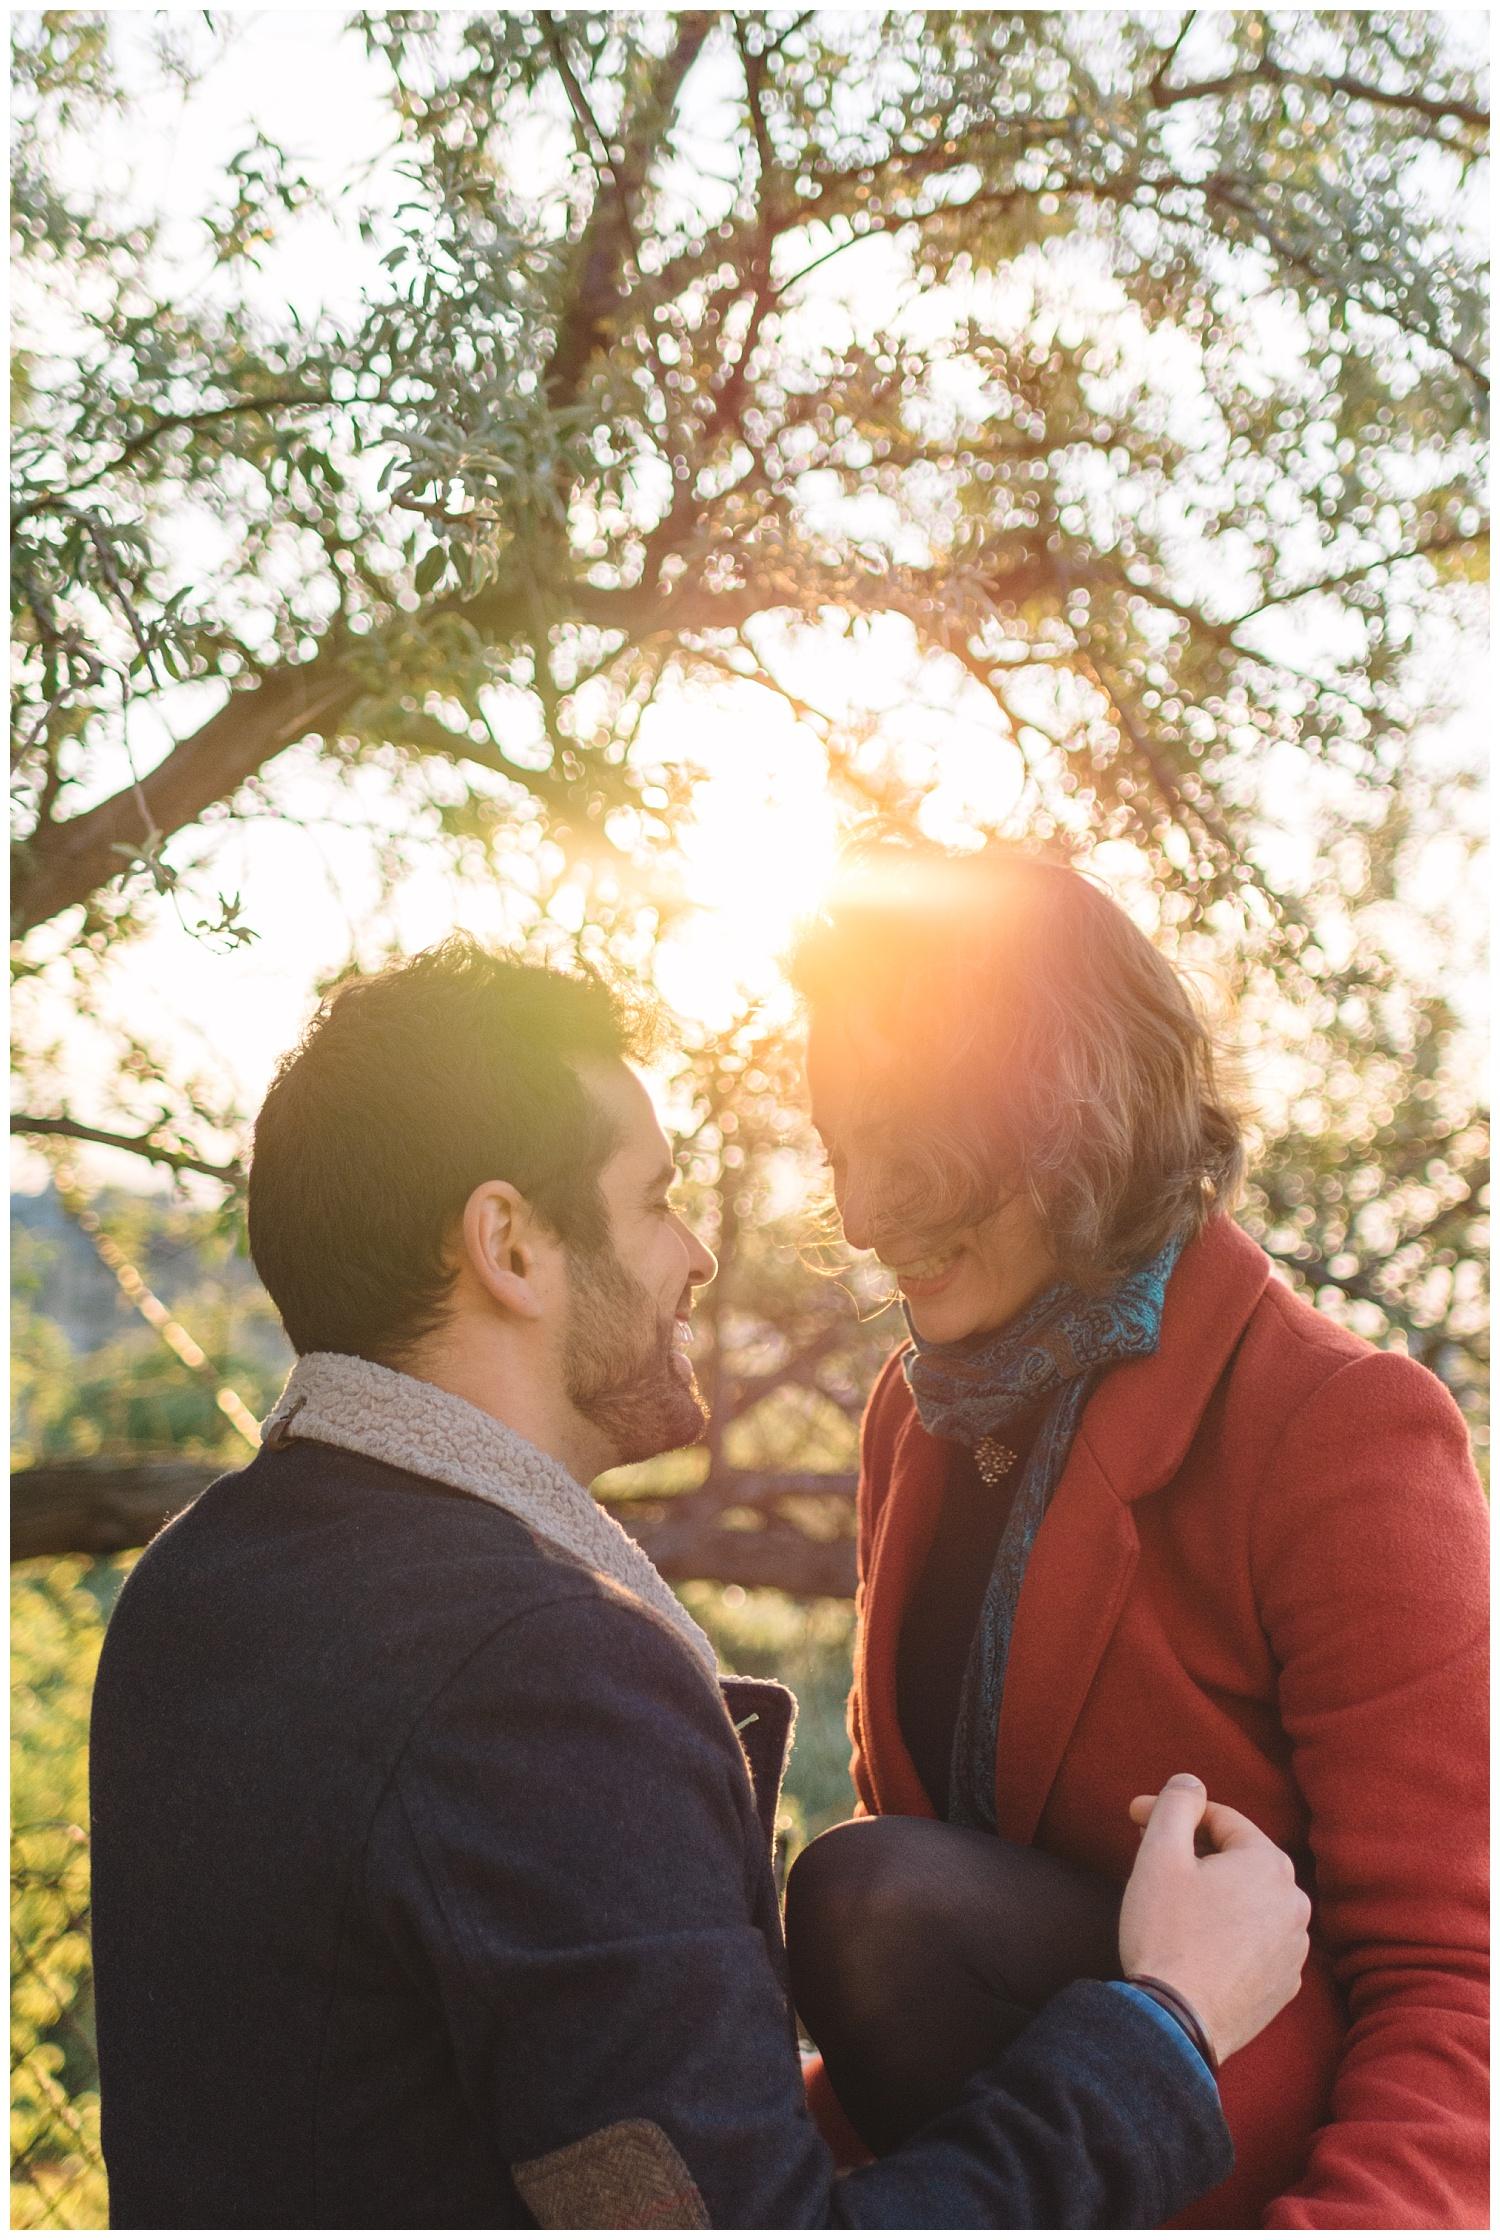 Radja_Adel_couple__session_Gaetan_Jargot_0007.jpg